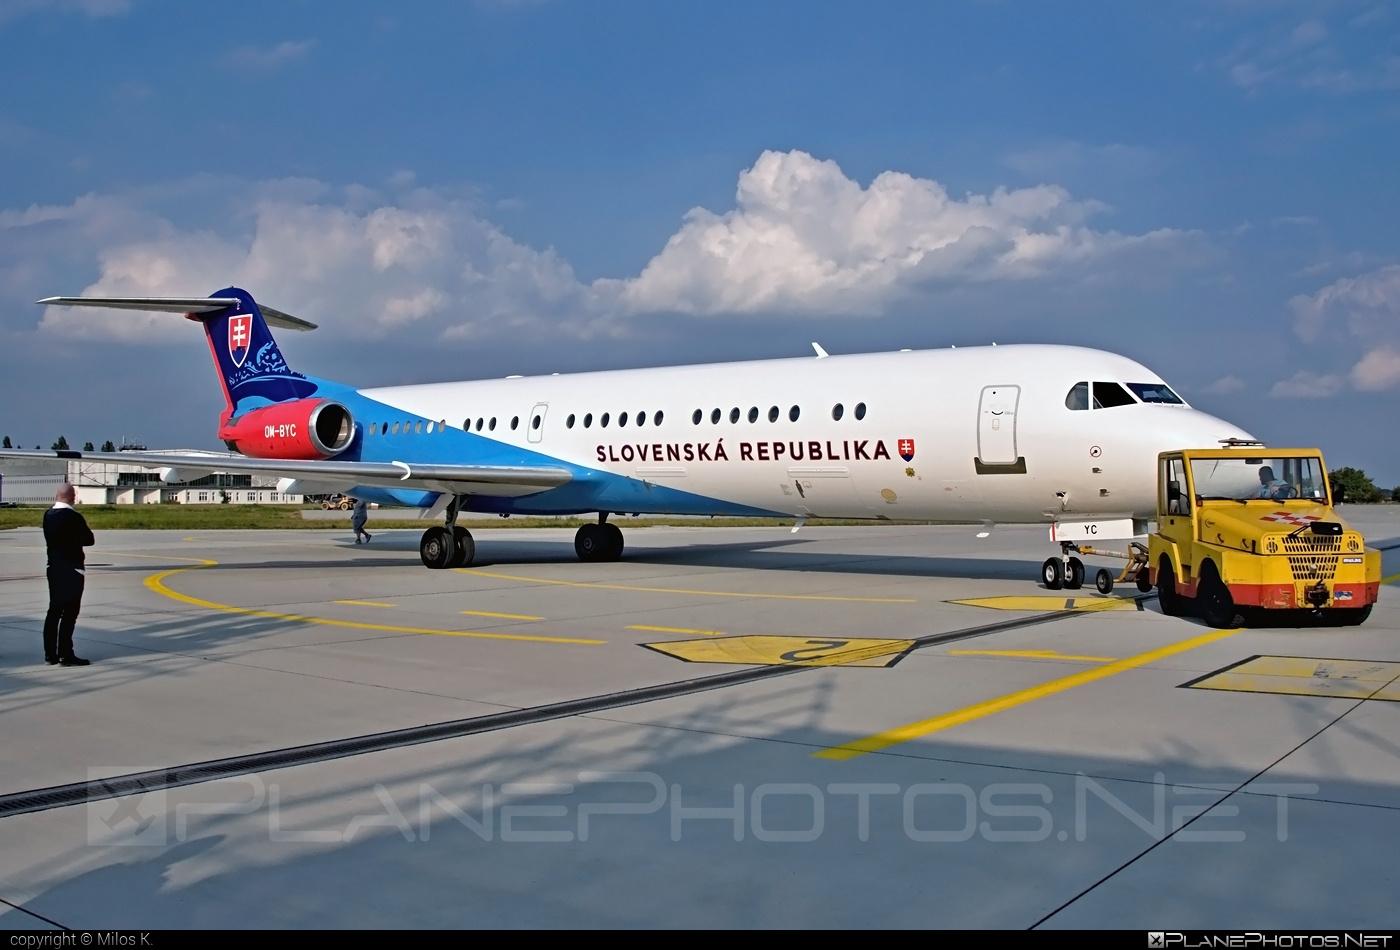 Fokker 100EJ - OM-BYC operated by Letecký útvar MV SR (Slovak Government Flying Service) #SlovakGovernmentFlyingService #fokker #leteckyutvarMVSR